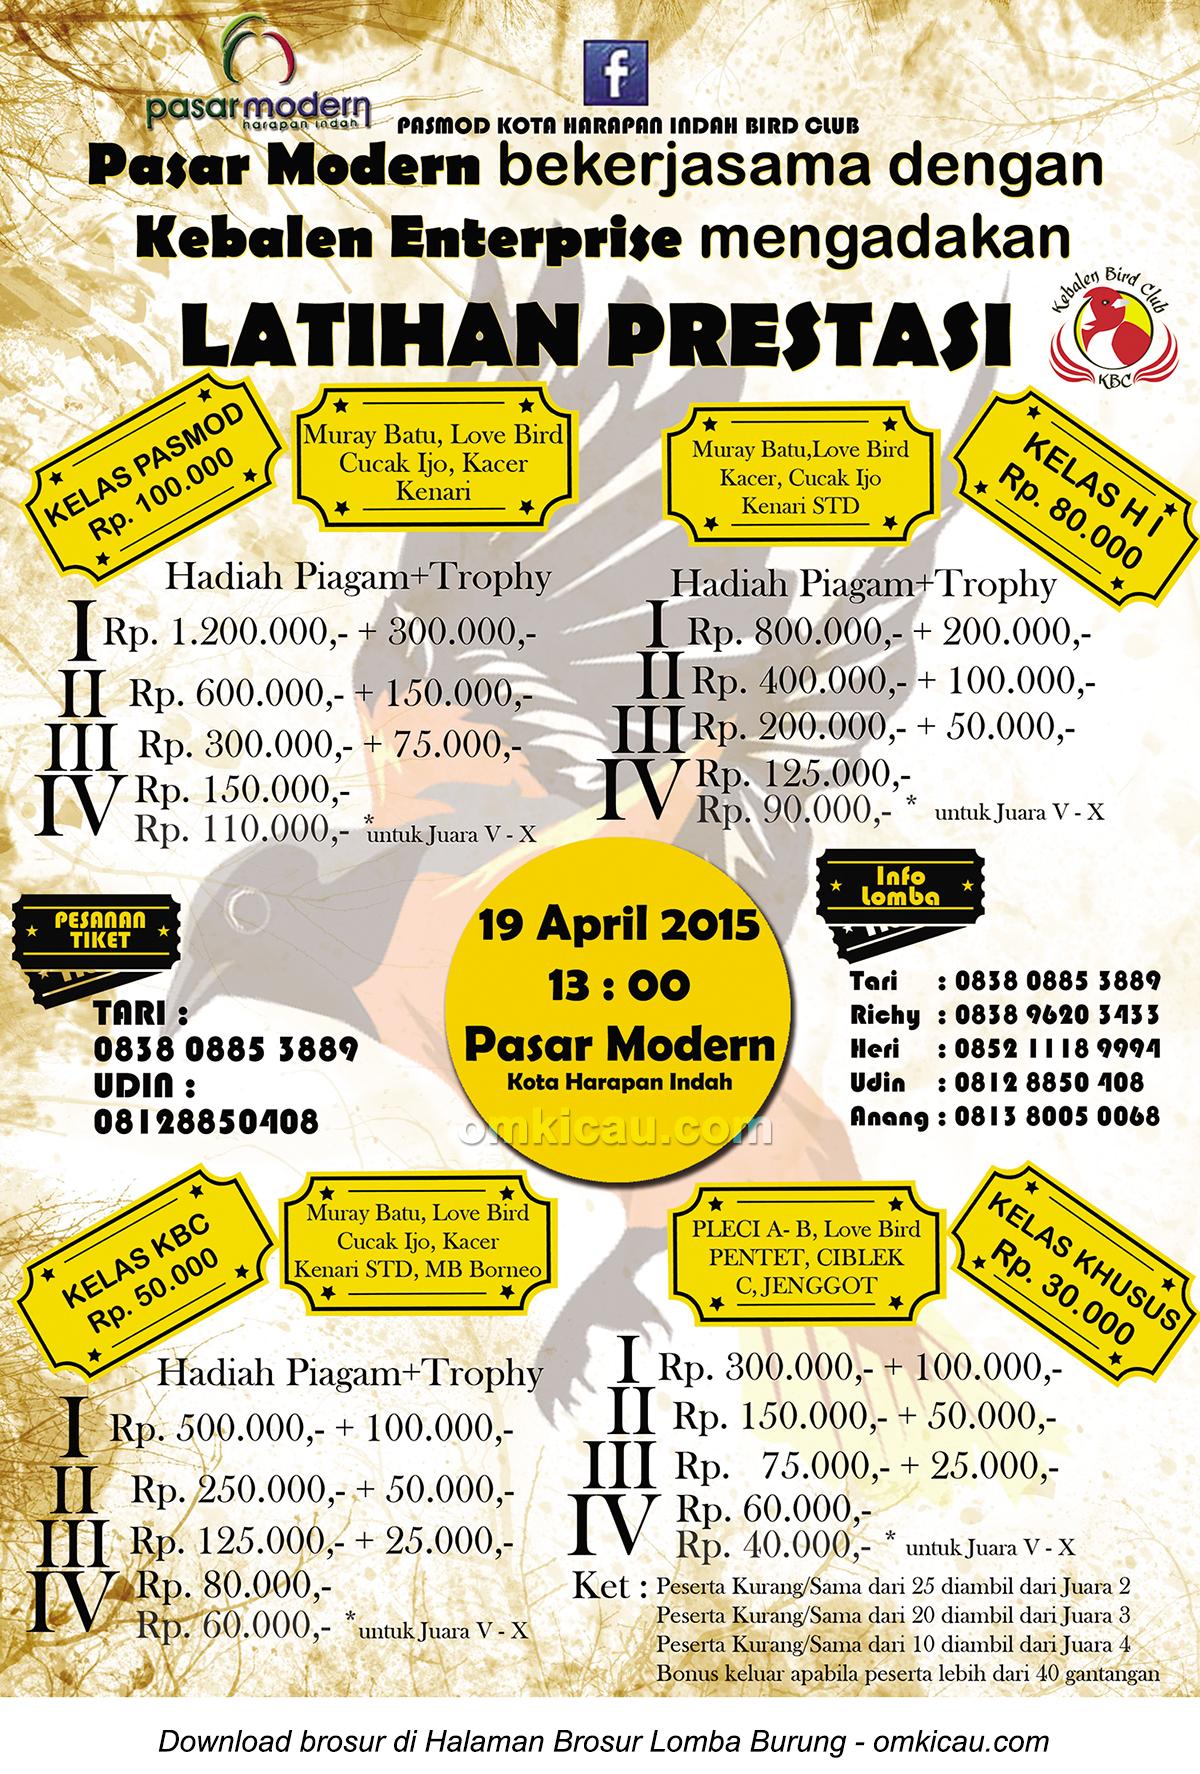 Brosur Latpres Pasar Modern Kota Harapan Indah, Bekasi, 19 April 2015